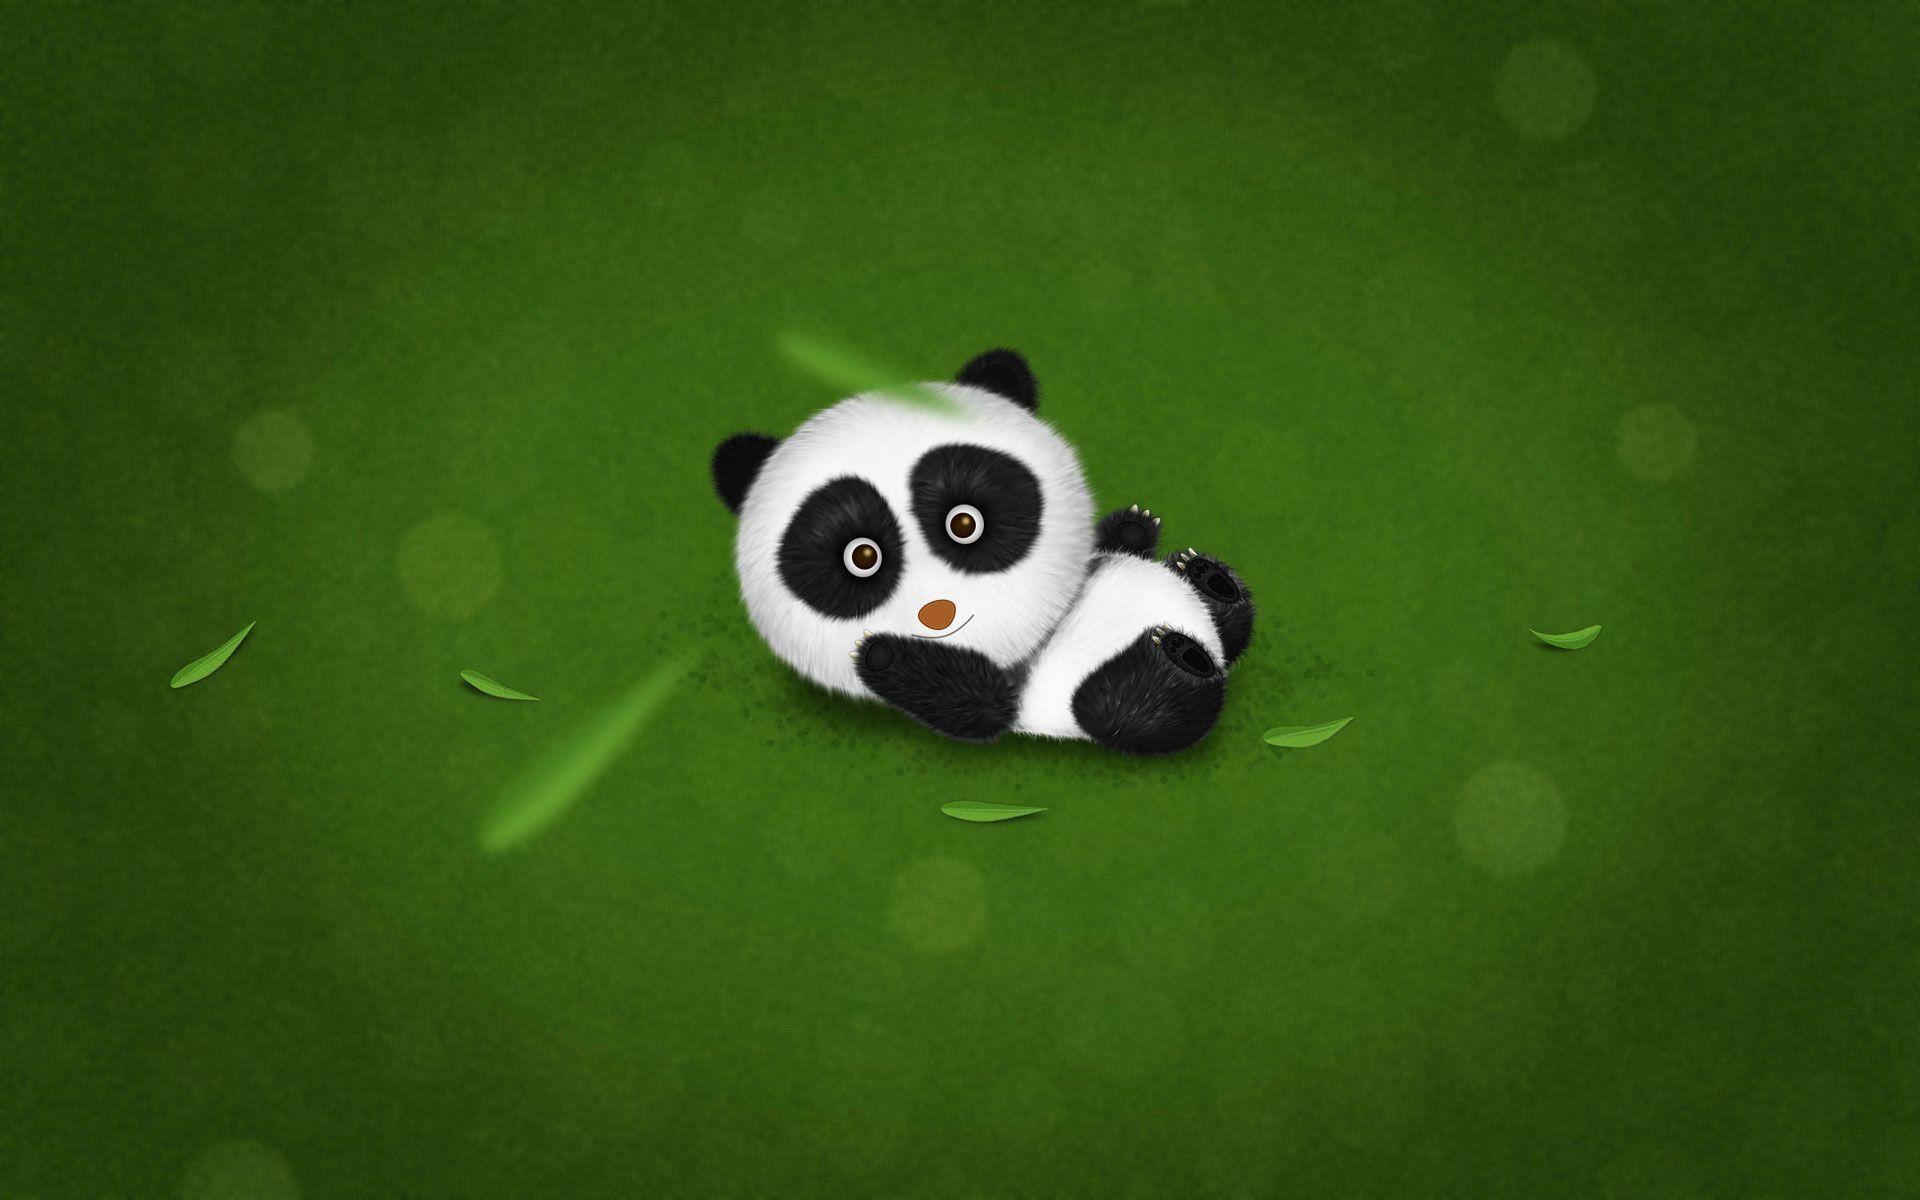 wallpaper.wiki-Cute-Panda-Desktop-Wallpapers-Tumblr-PIC-